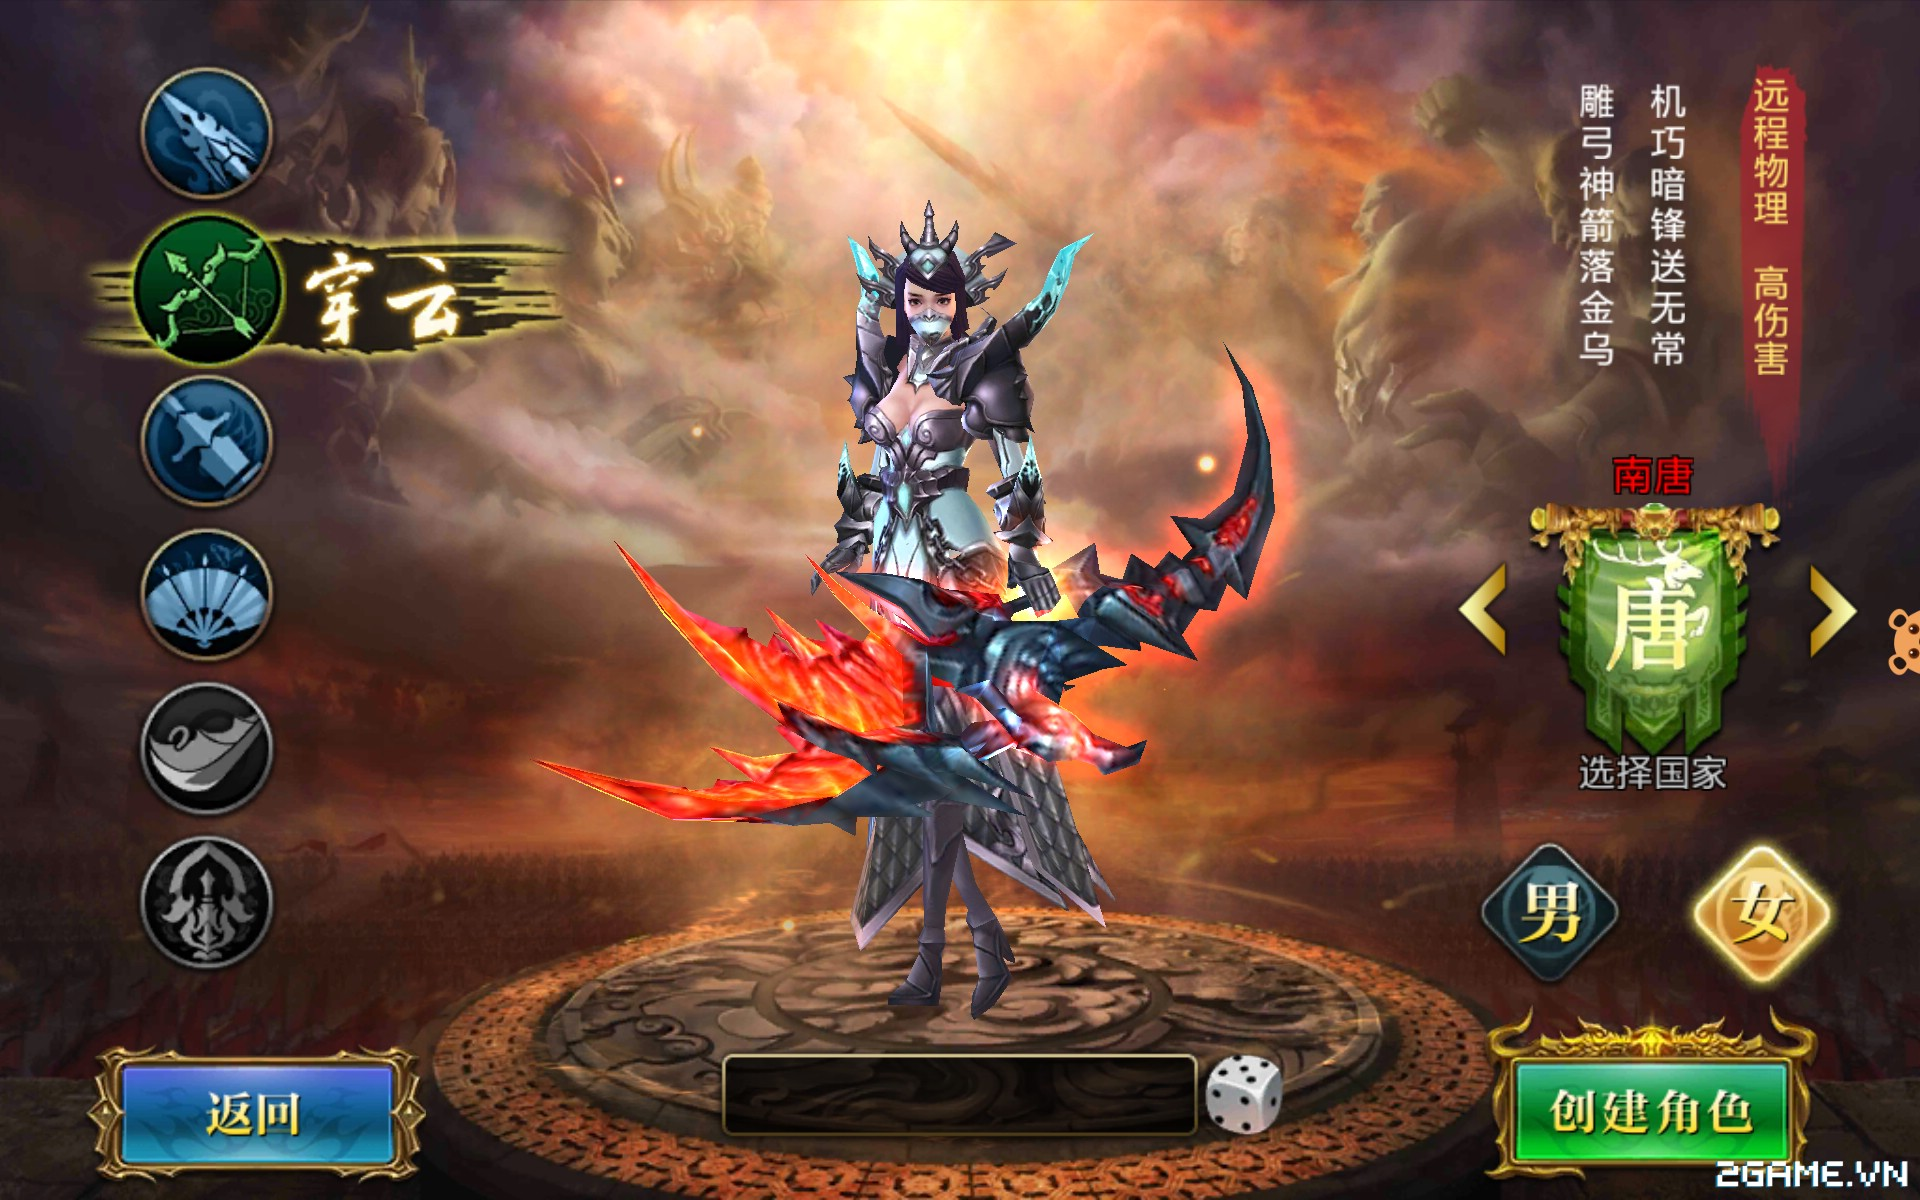 GameSao thân tặng 100 VIPCODE Chiến Quốc Bá Nghiệp để game thủ test game